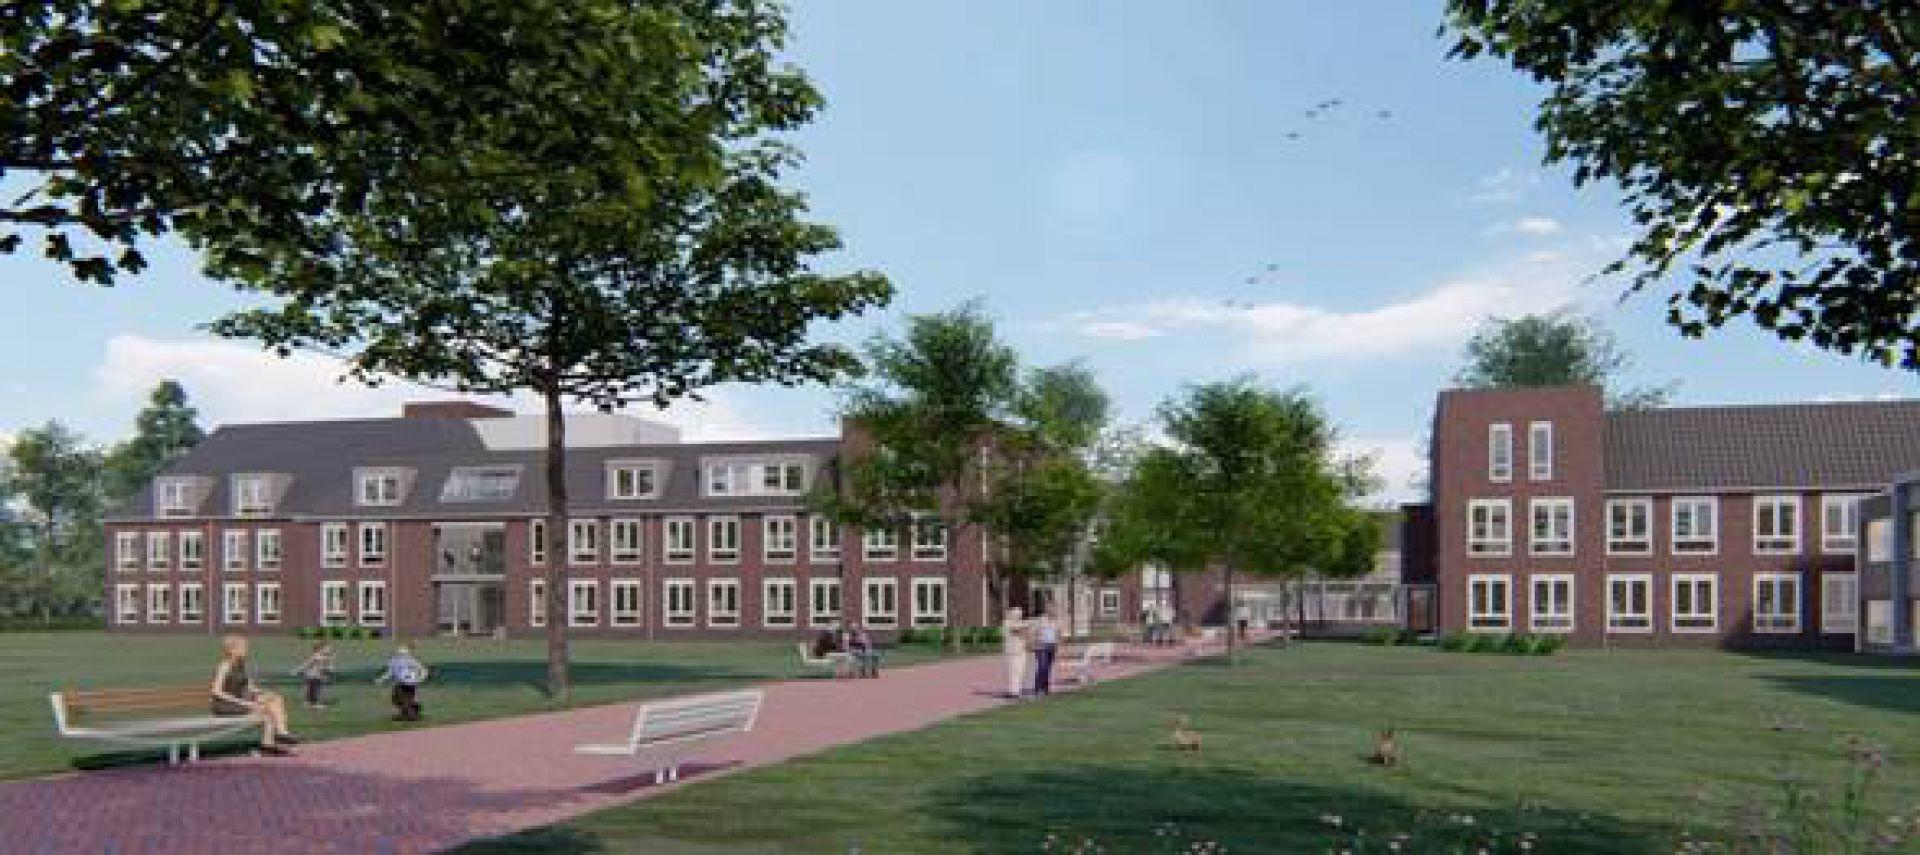 St. Elisabeth in Delden wordt uitgebreid